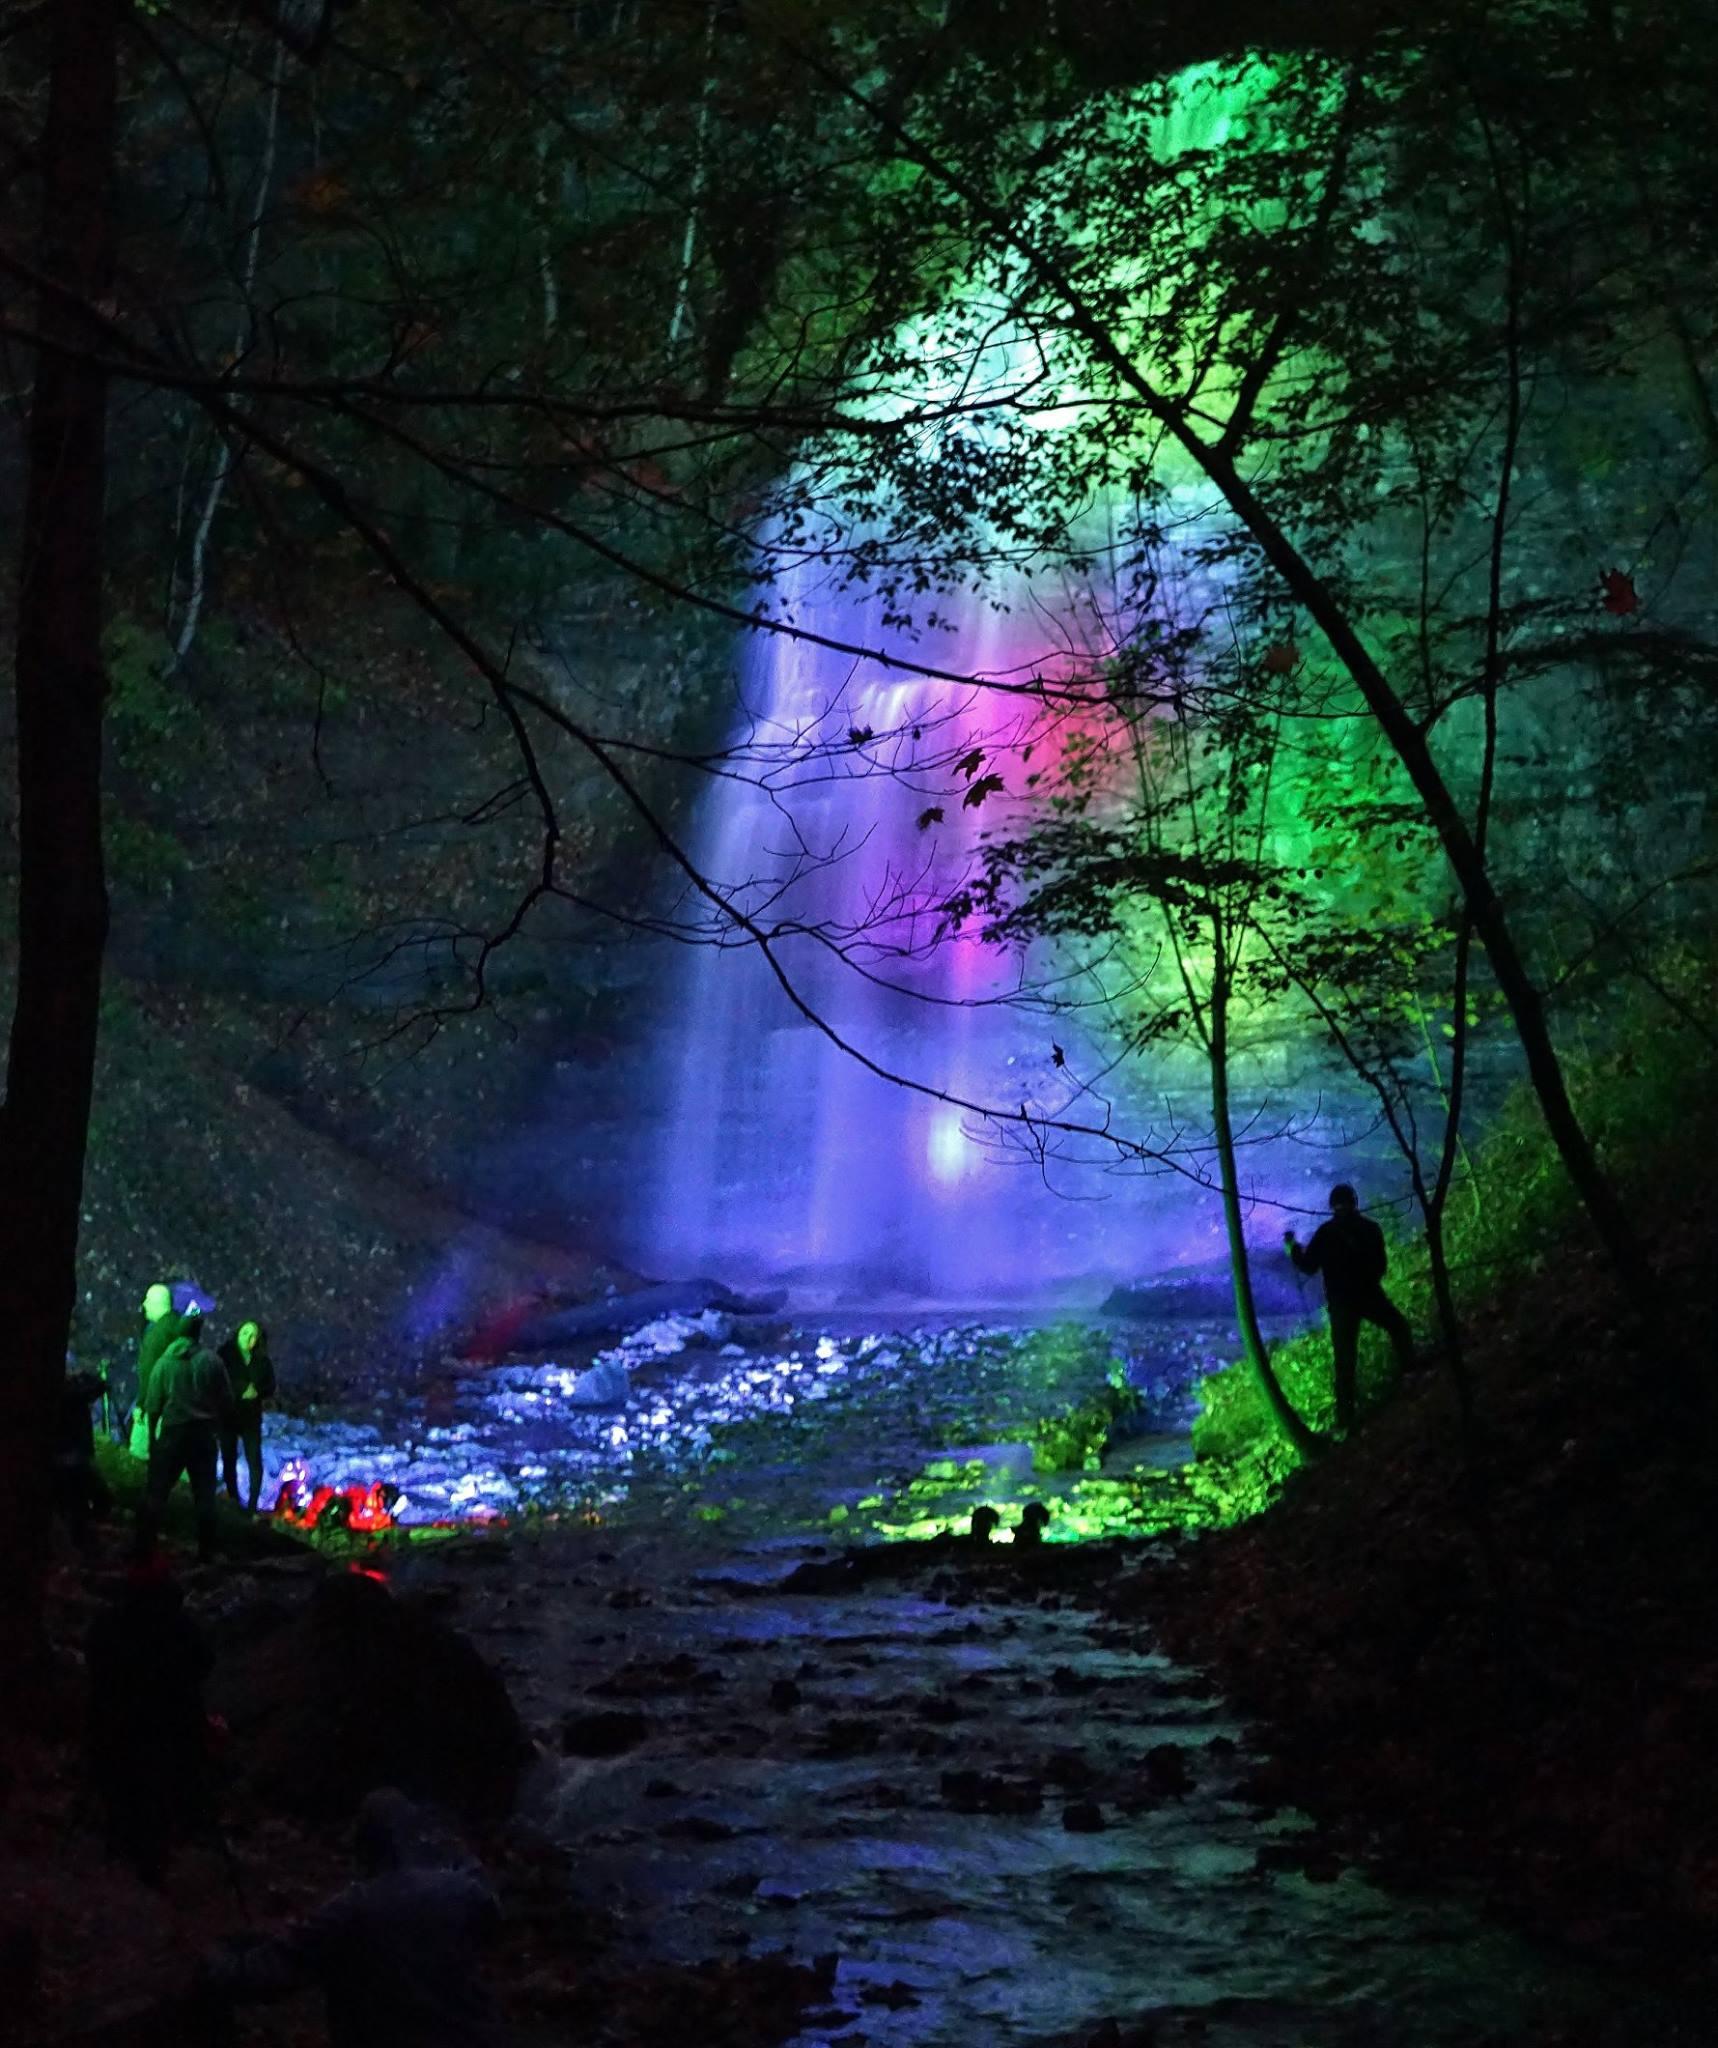 Tiffany Falls illumination last night.